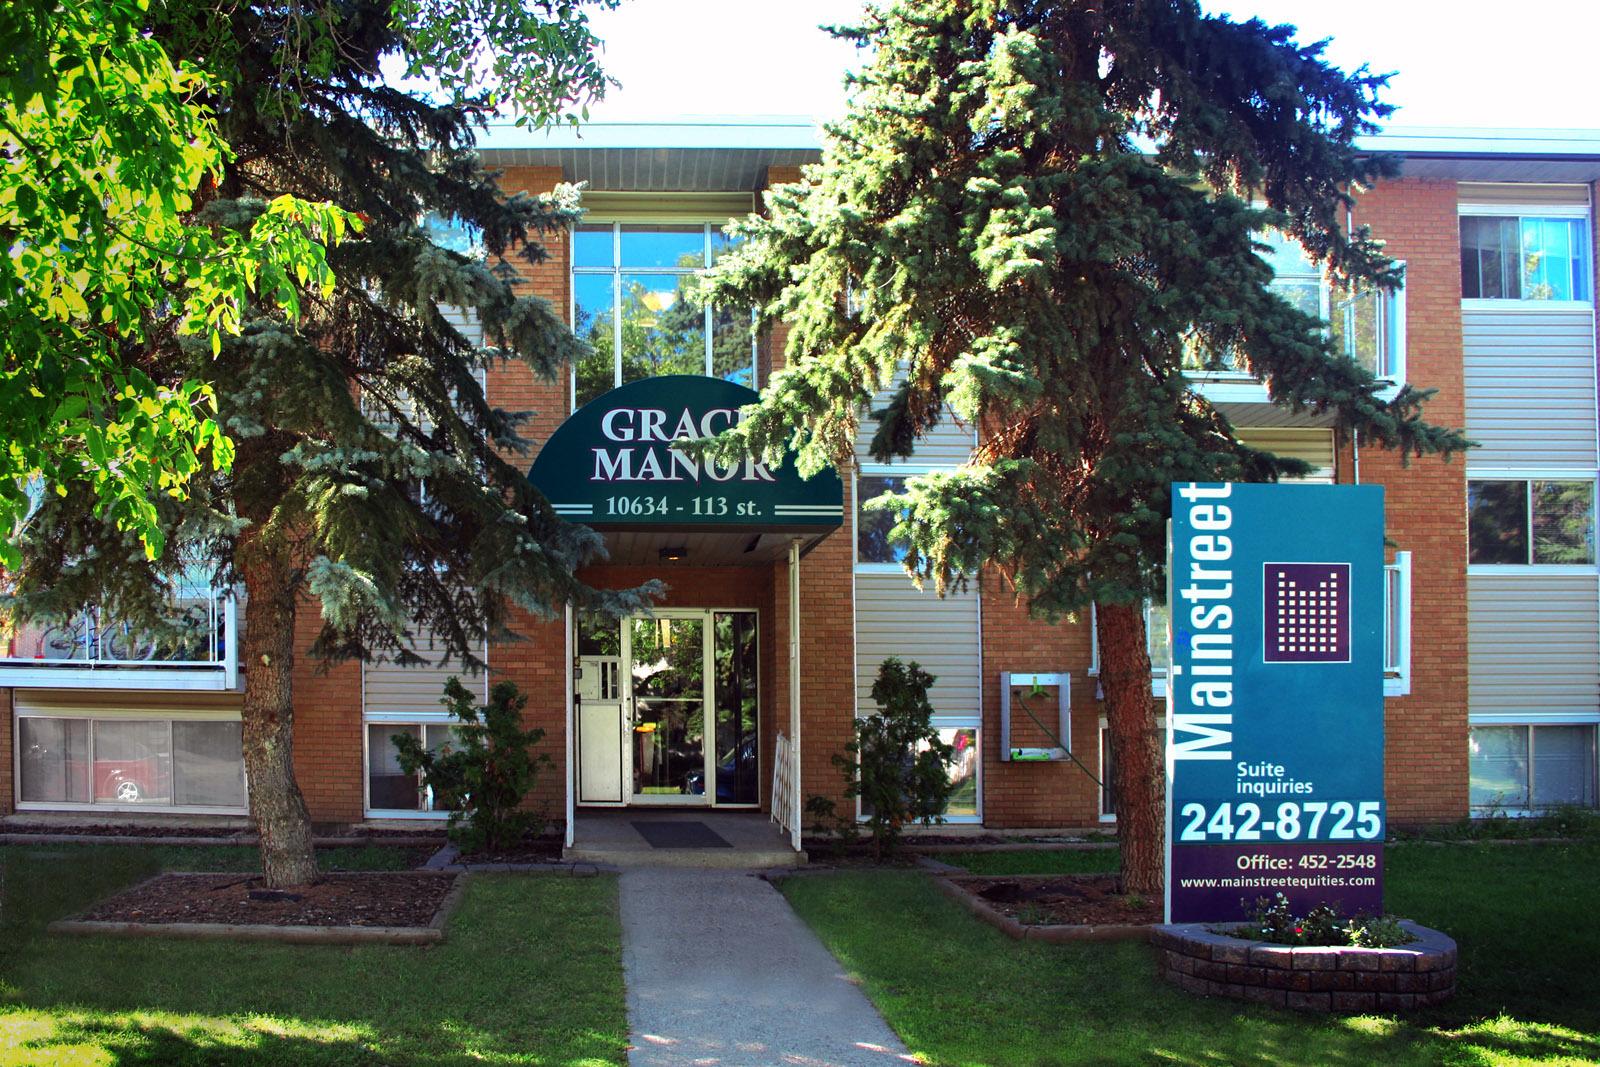 10634 113 Street NW, Edmonton, AB - $825